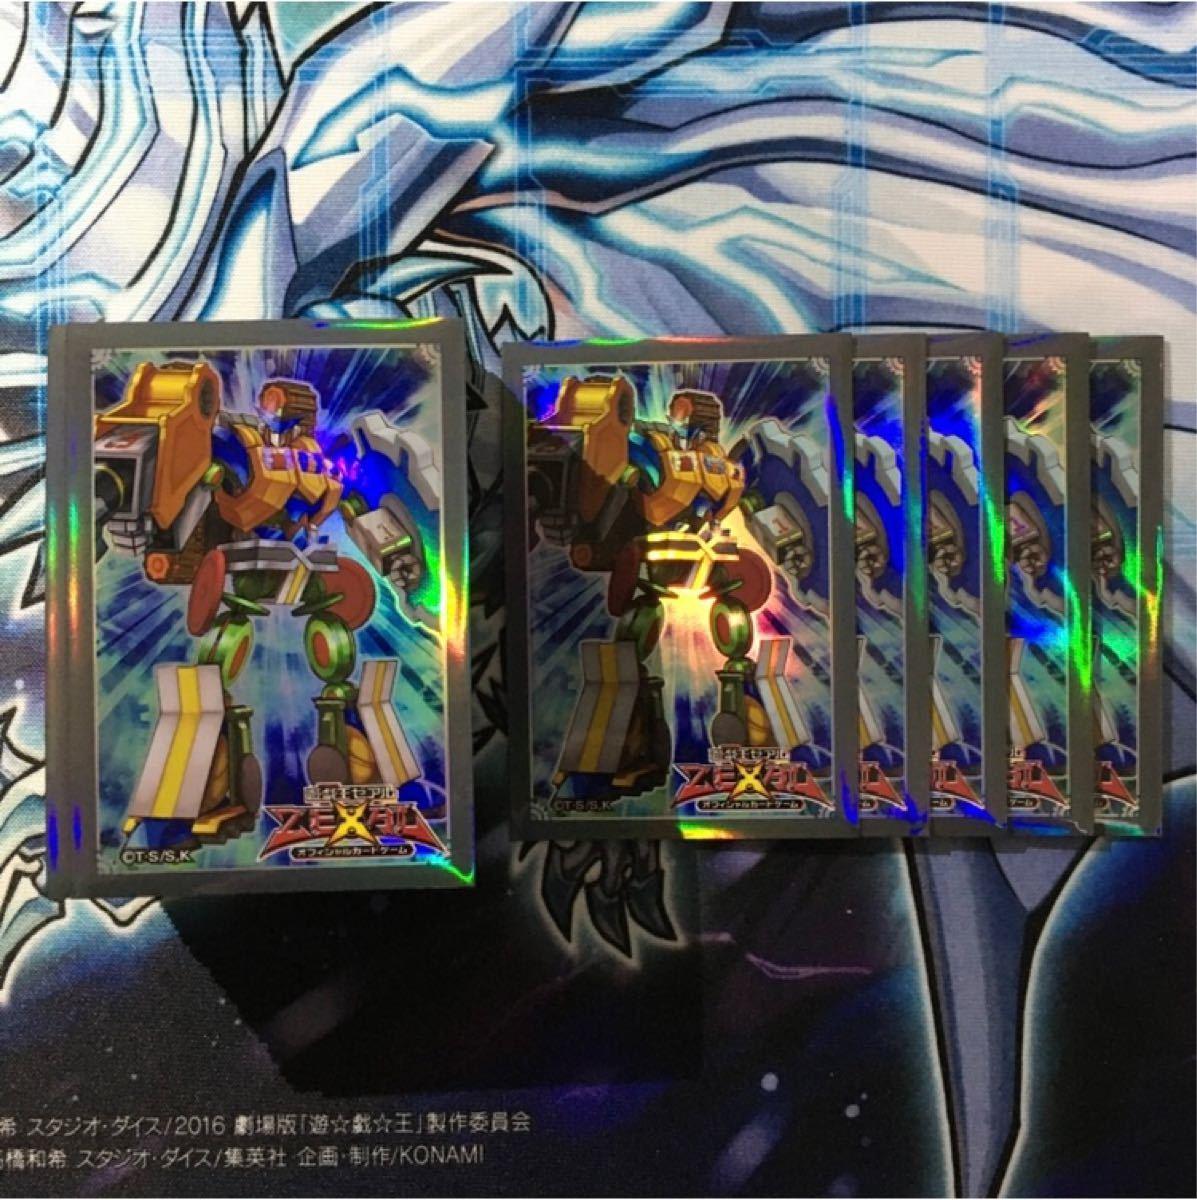 アダマシア 遊戯王 主流のリンク召喚軸【アダマシア】手に入れた安定感と対応力